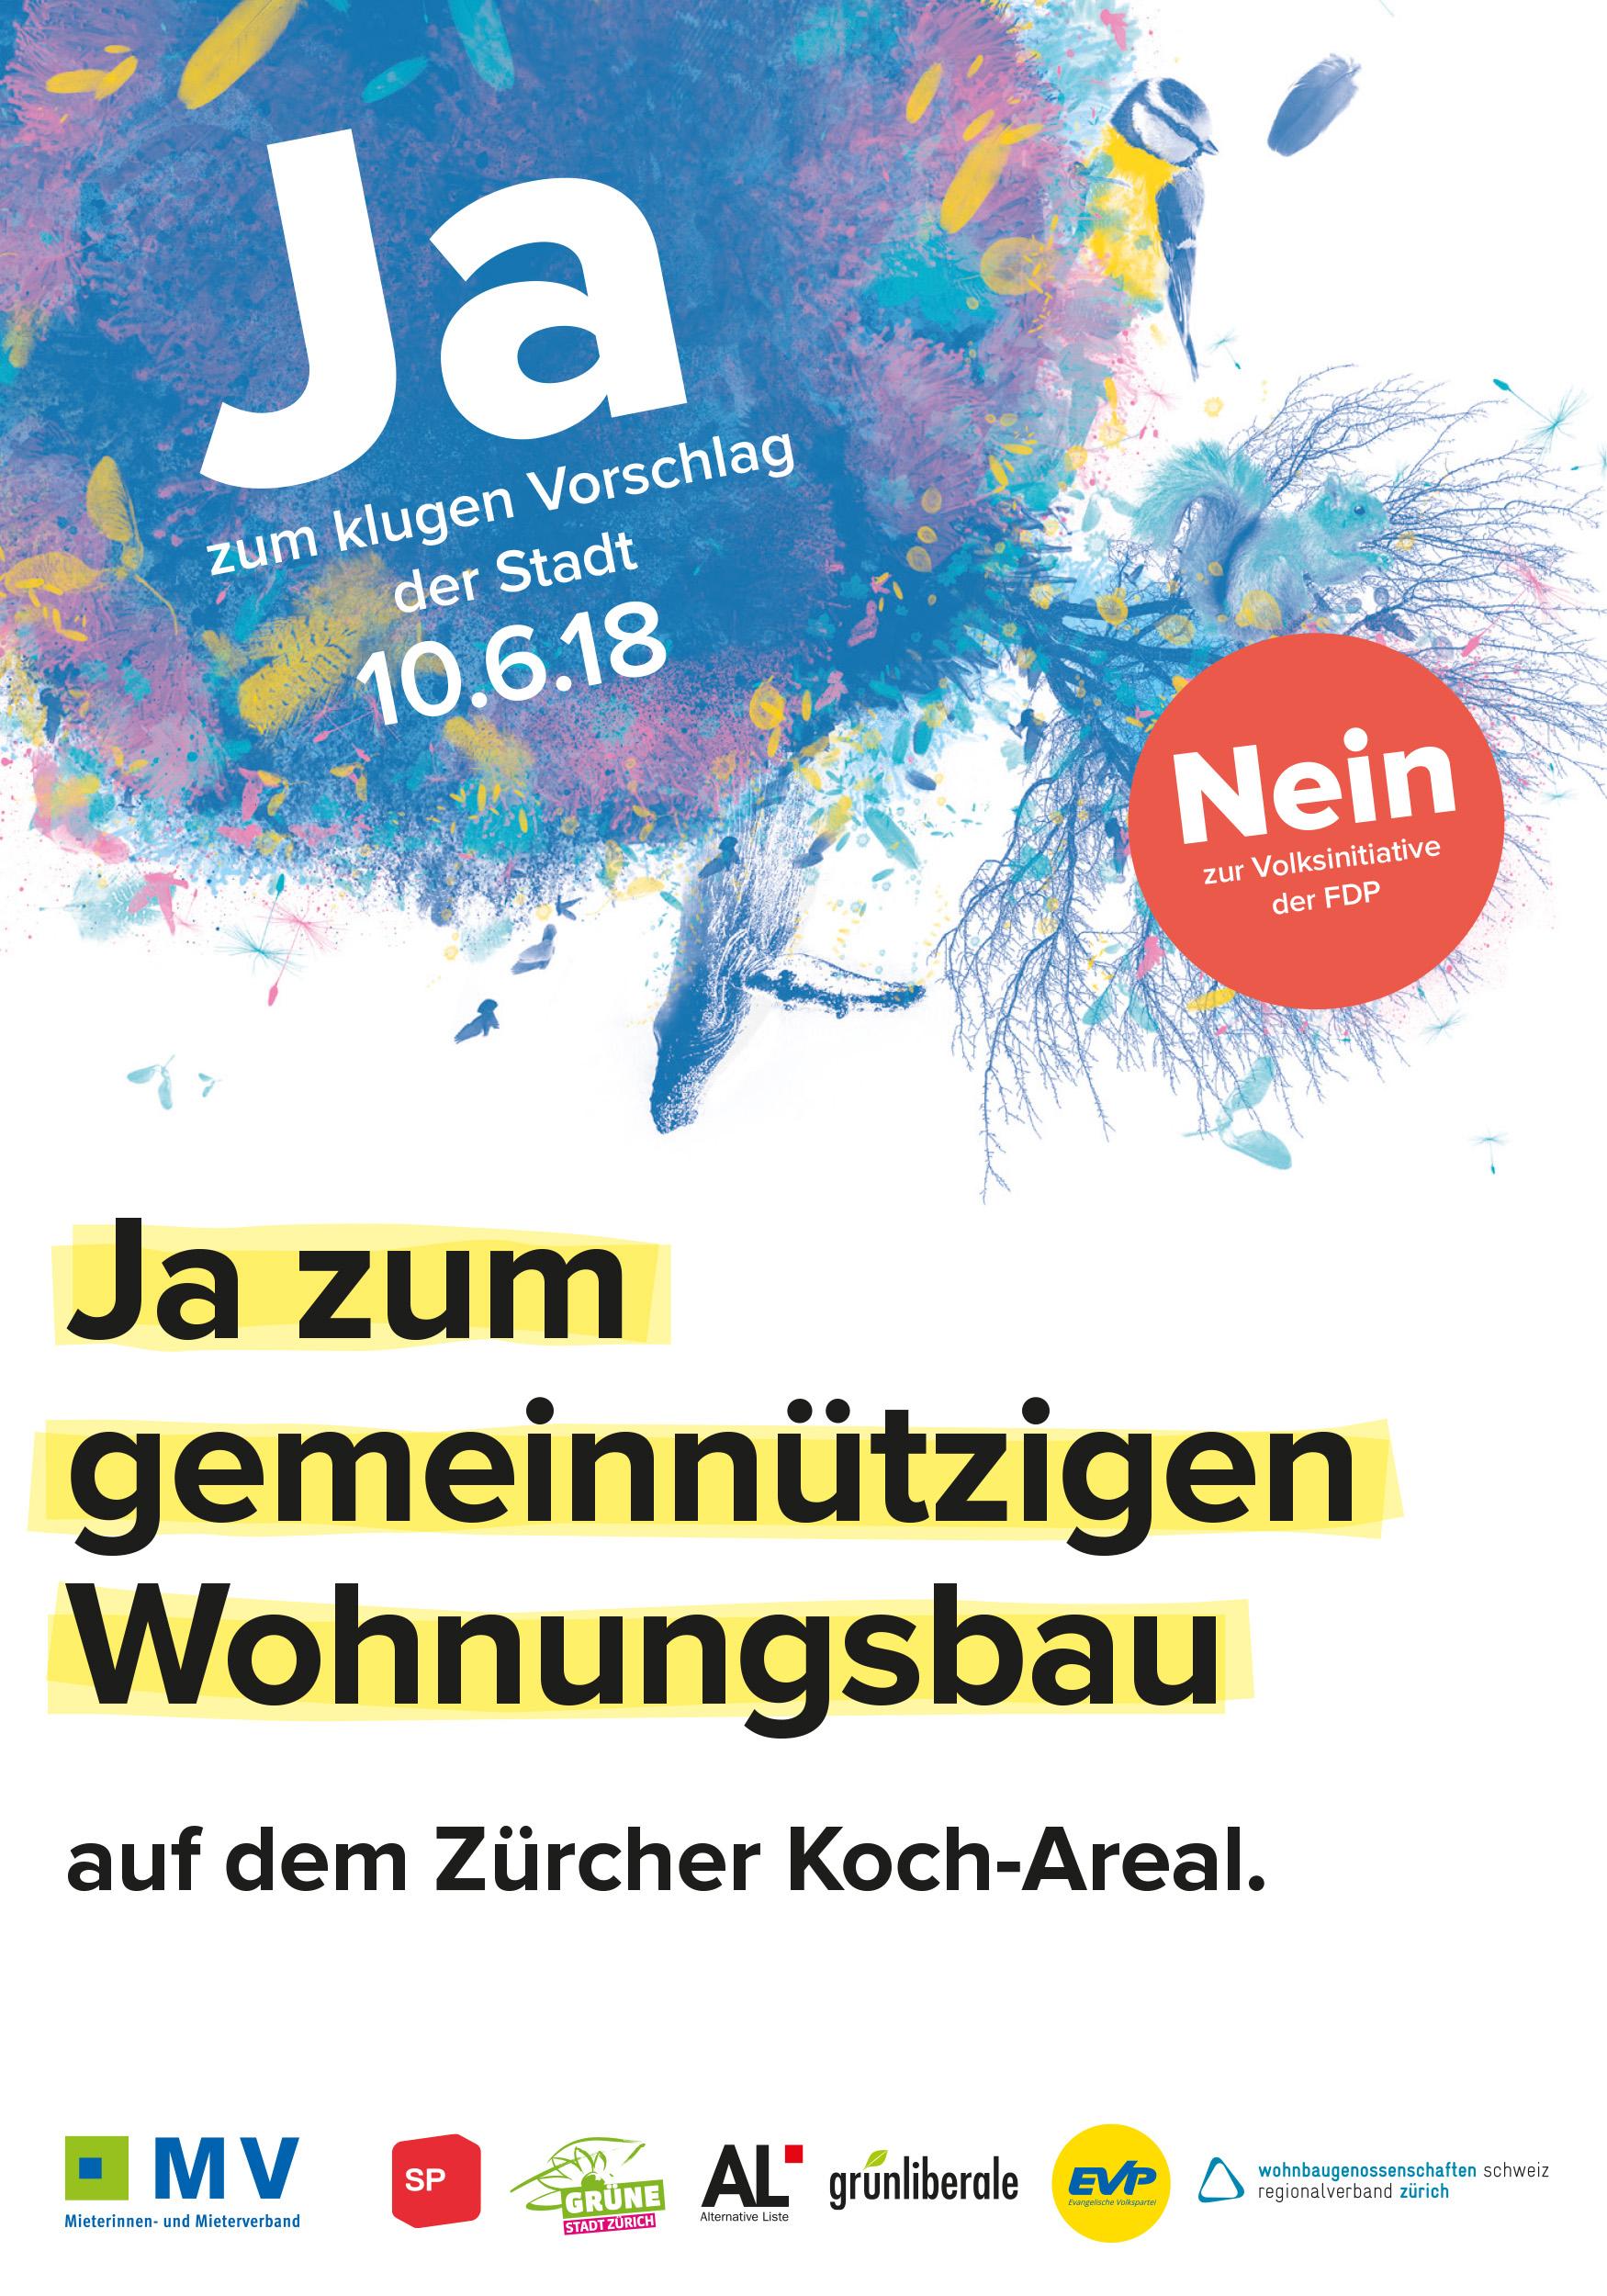 Abstimmungsplakat. Saubere Typografie, Kreis-Collage für JA-Parole.